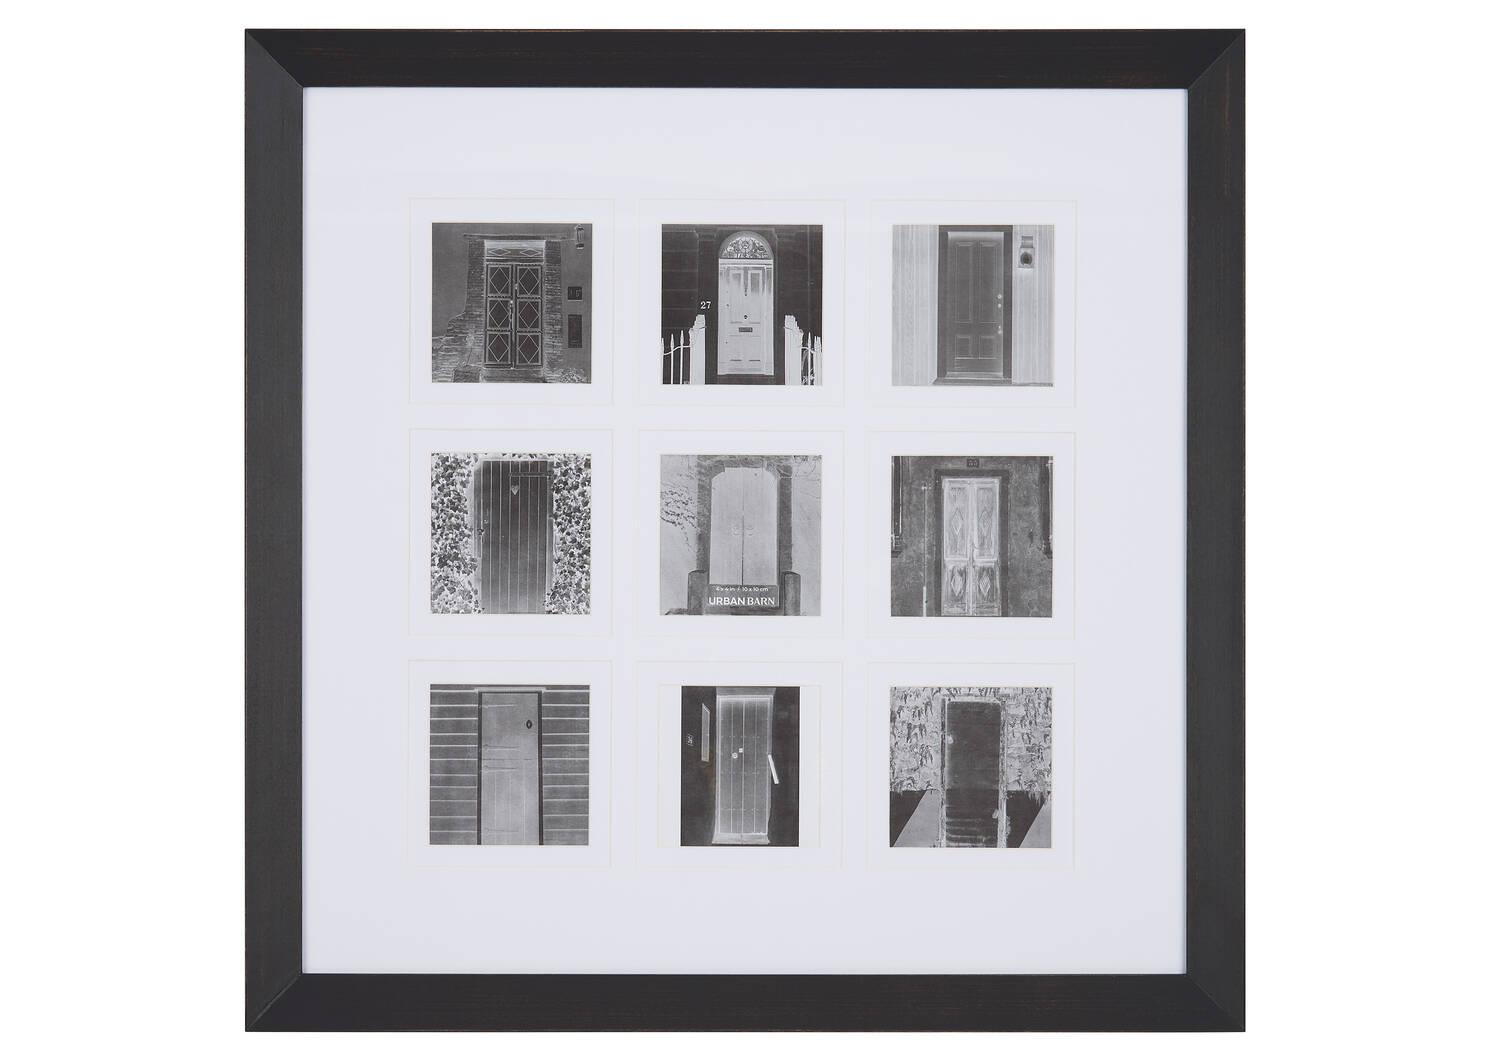 Elias Wall Frame 9-4x4 Black